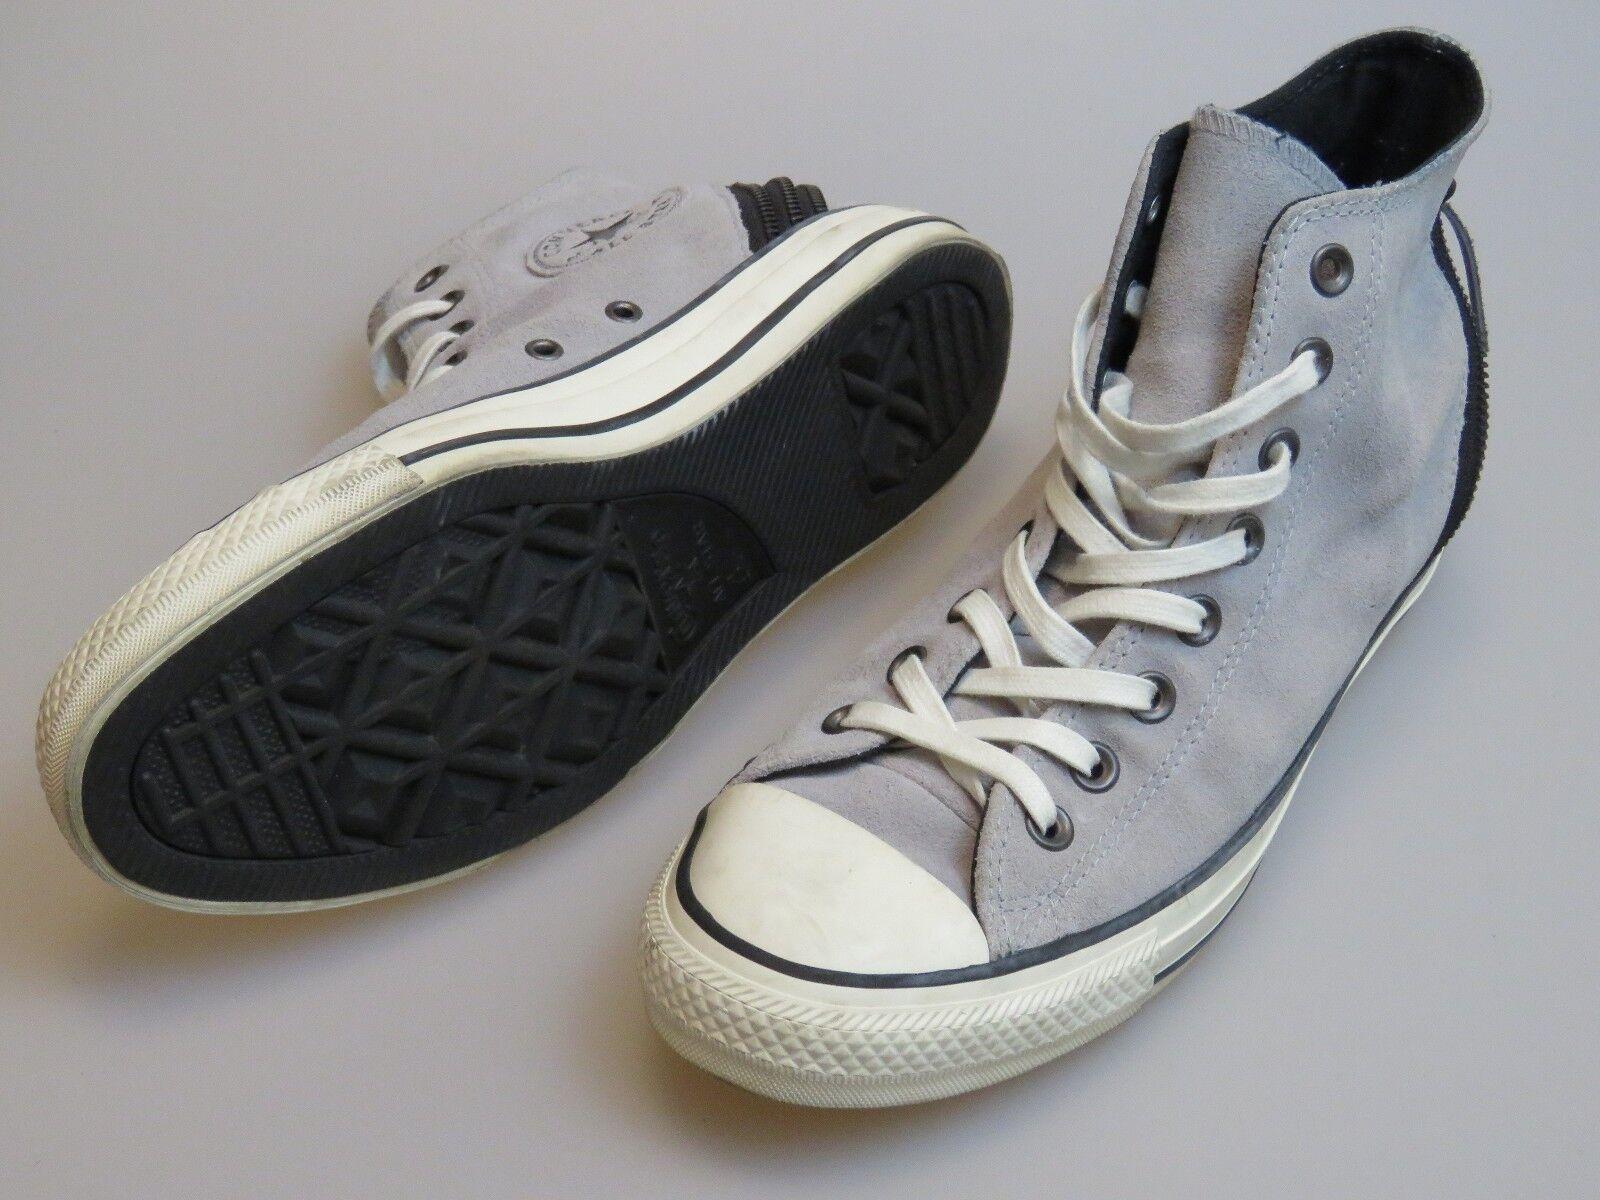 Converse All Star CT como Hi Tri Cremallera Con Cordones Gris Gris Cordones Zapatos De Gamuza 544845C para mujer 9.5 7b1af5